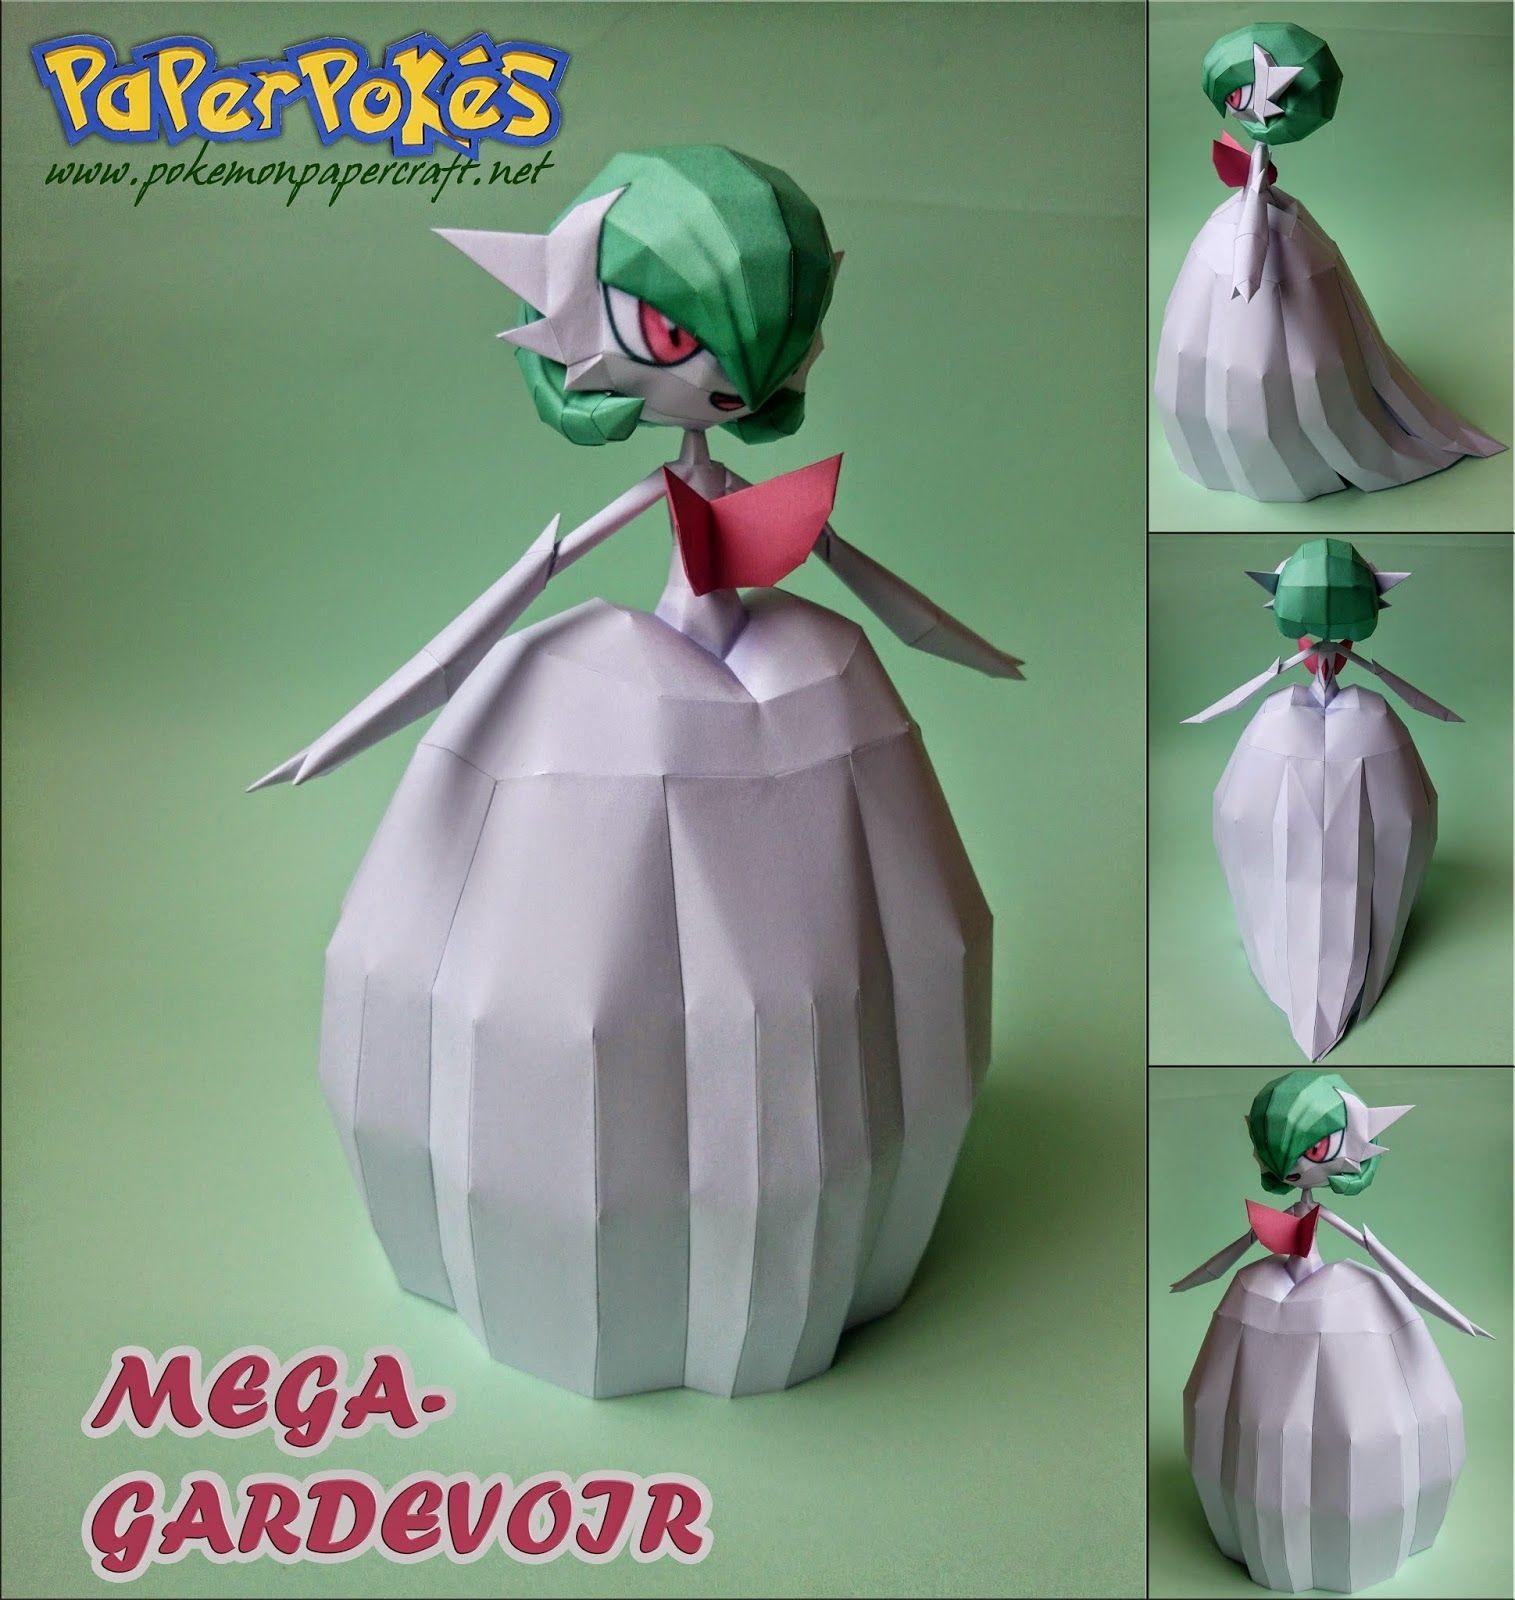 Model Papercraft Paperpokés Pokémon Papercrafts Mega Gardevoir